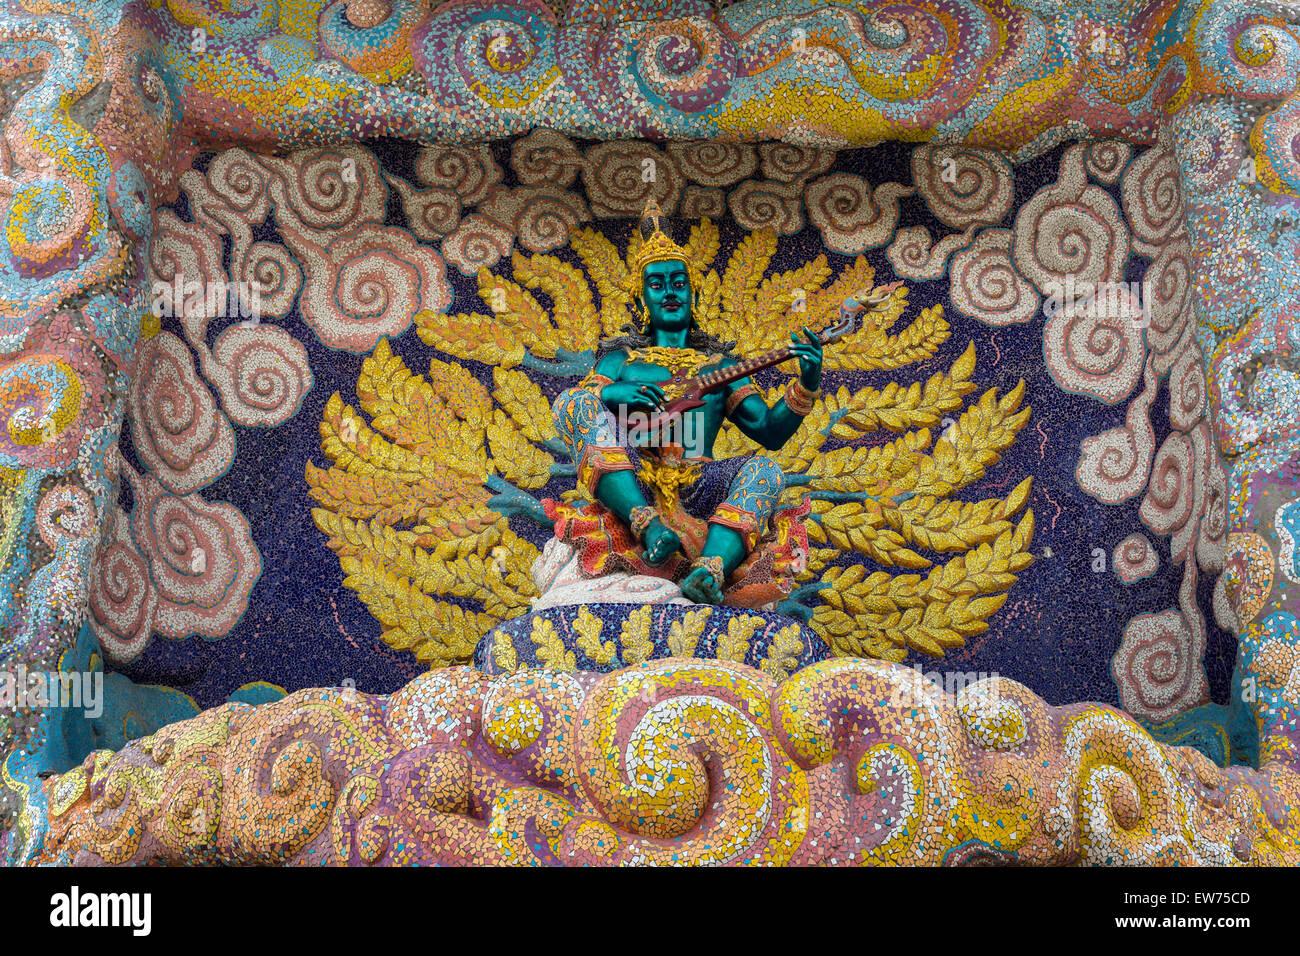 Dettaglio, musicista con i tradizionali strumenti a corda Phin sopra l'entrata del tempio di elefante Thep Vihara Immagini Stock